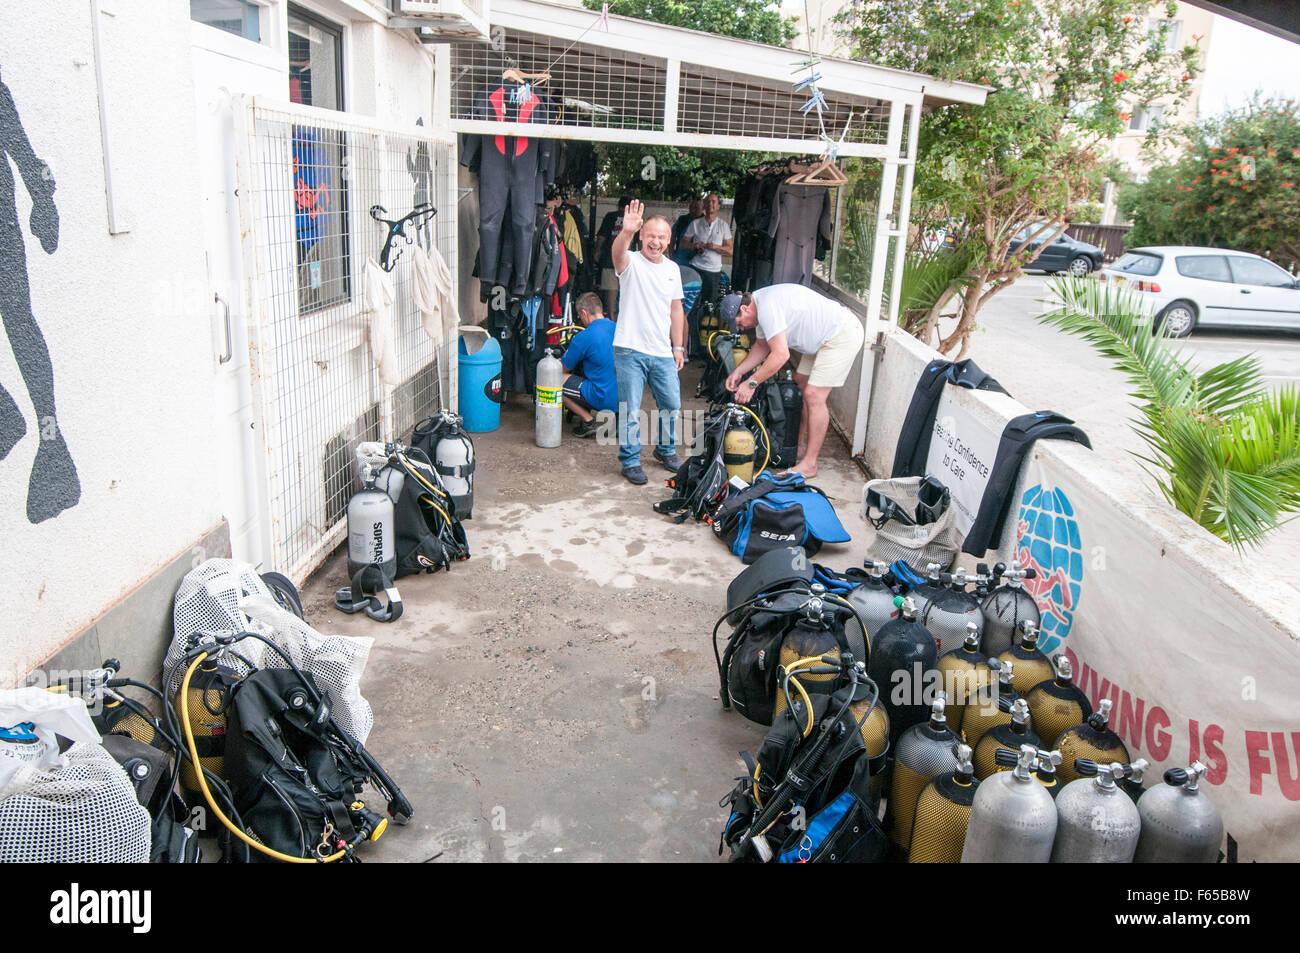 Ein Tauchclub in Larnaca, Zypern. Taucher bereiten ihre Ausrüstung Stockbild